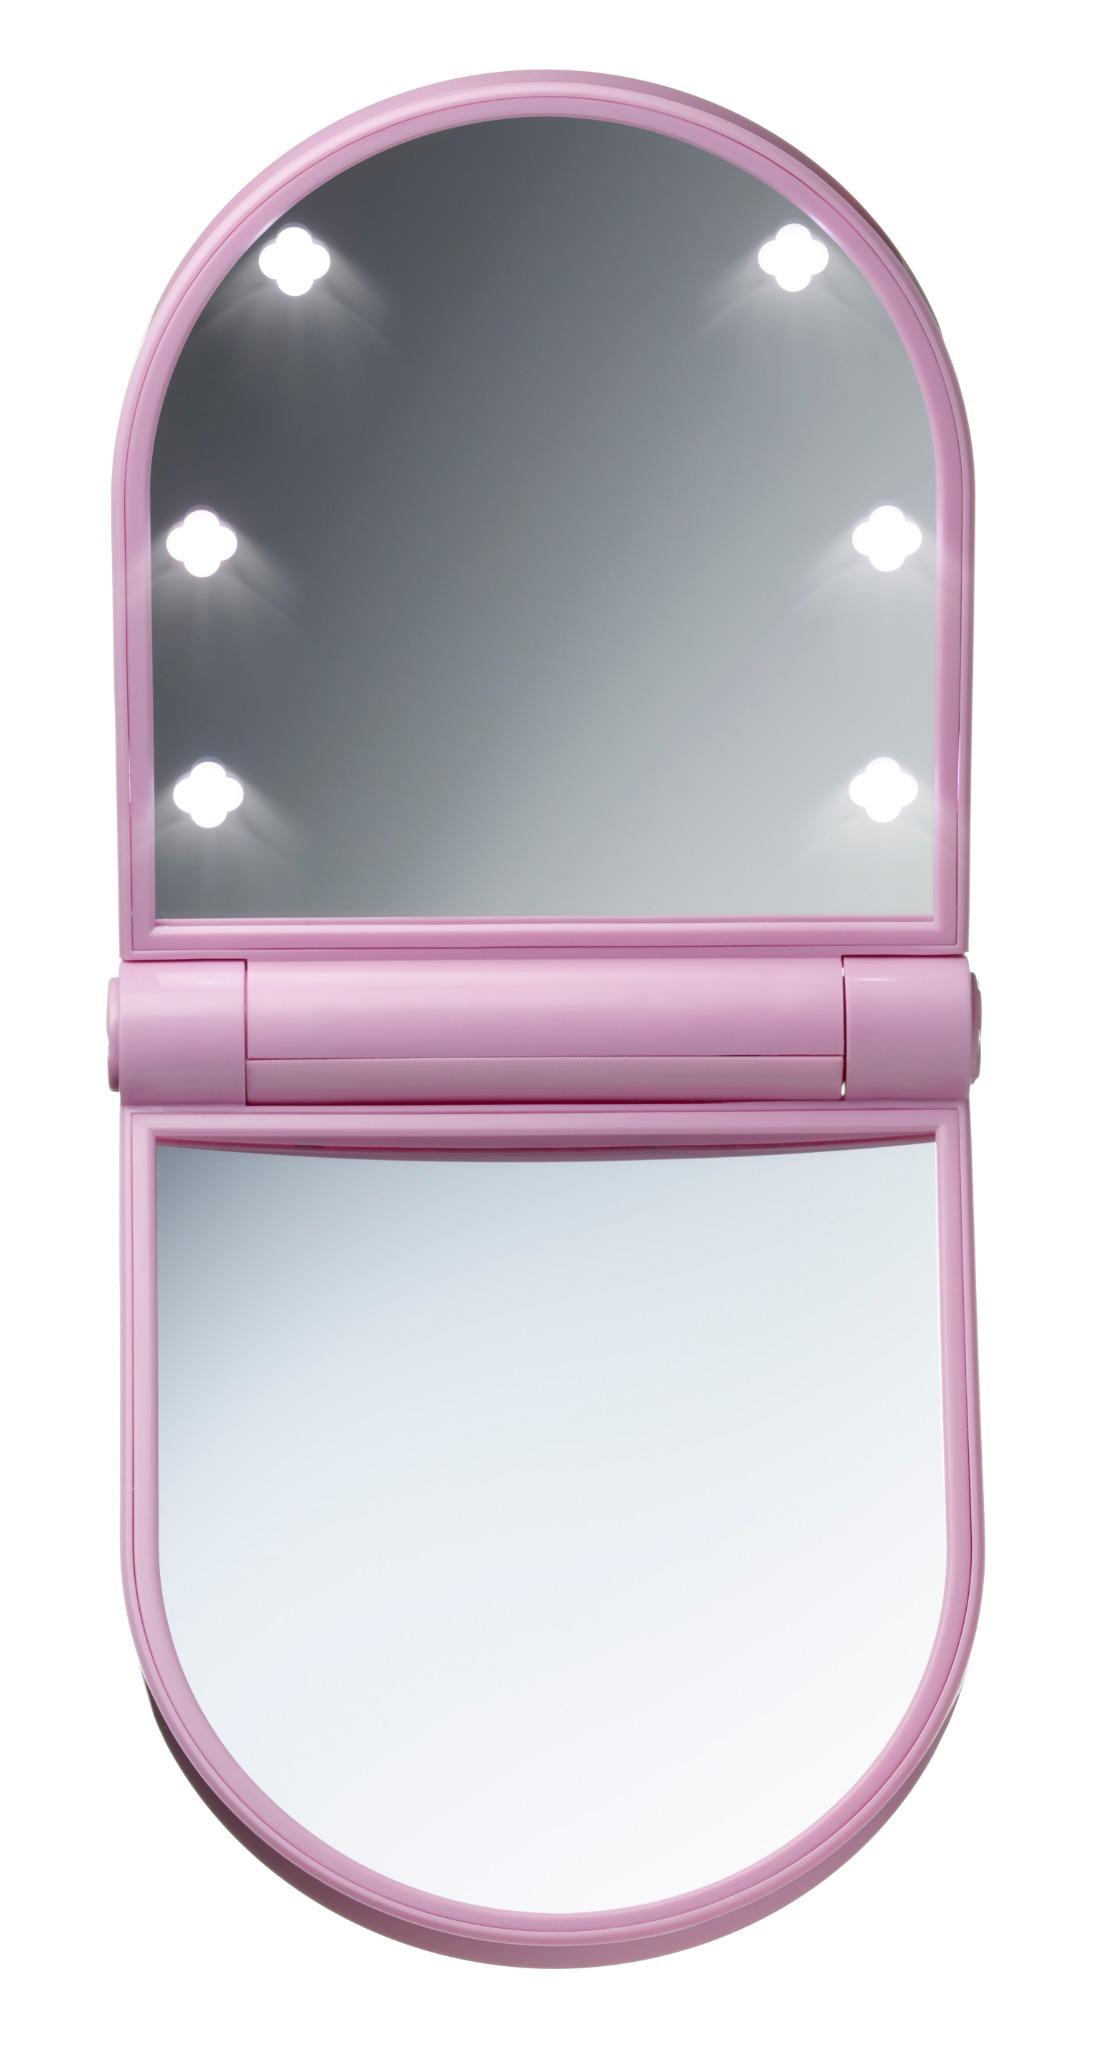 たかが鏡、されど鏡。見えすぎミラーで、キレイをアップデート!限定コフレ好評発売中